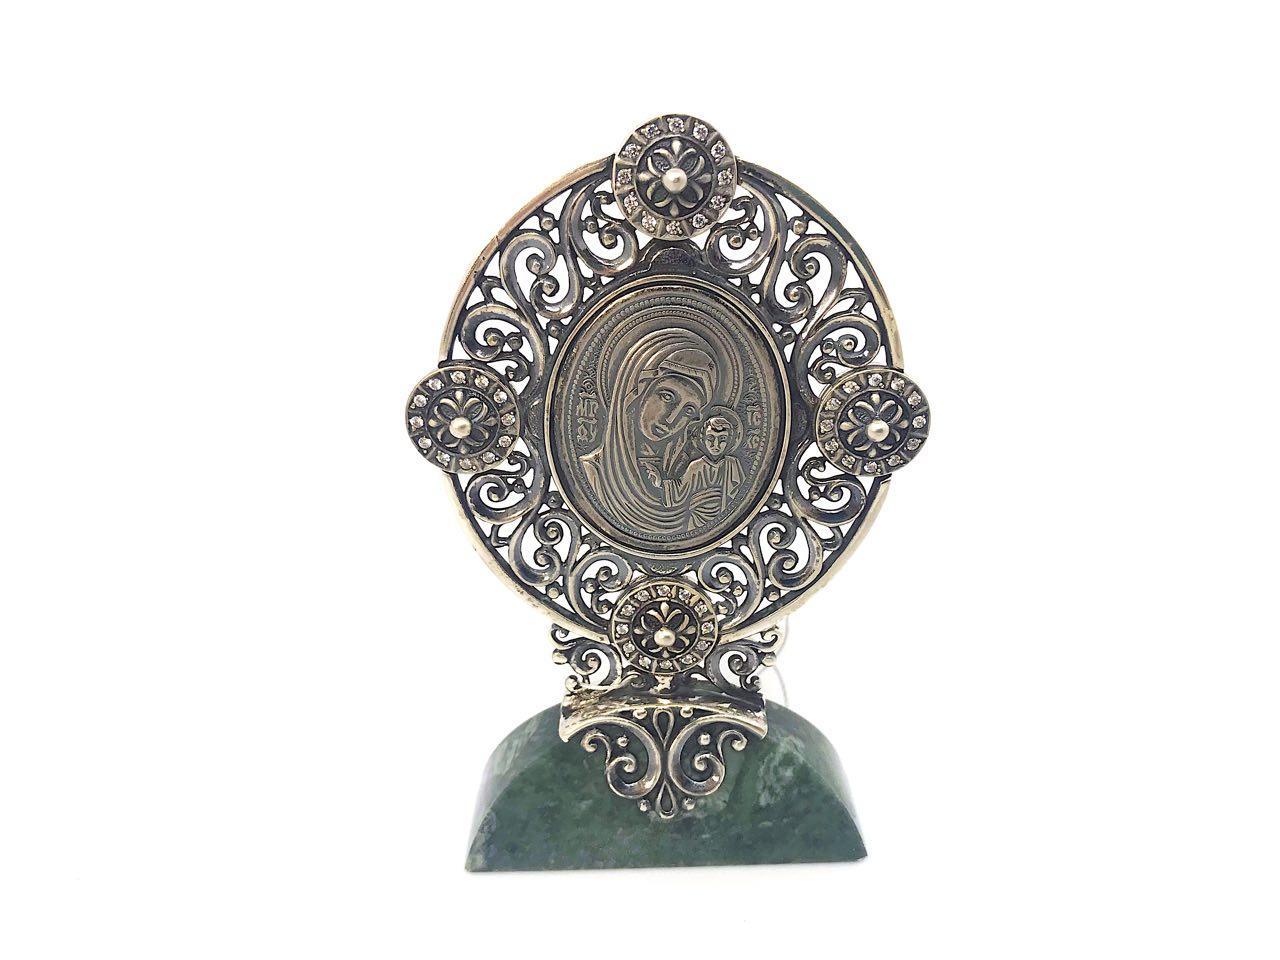 Икона из серебра 925 пробы Брюс с цирконами на ножке из мрамора Богородица